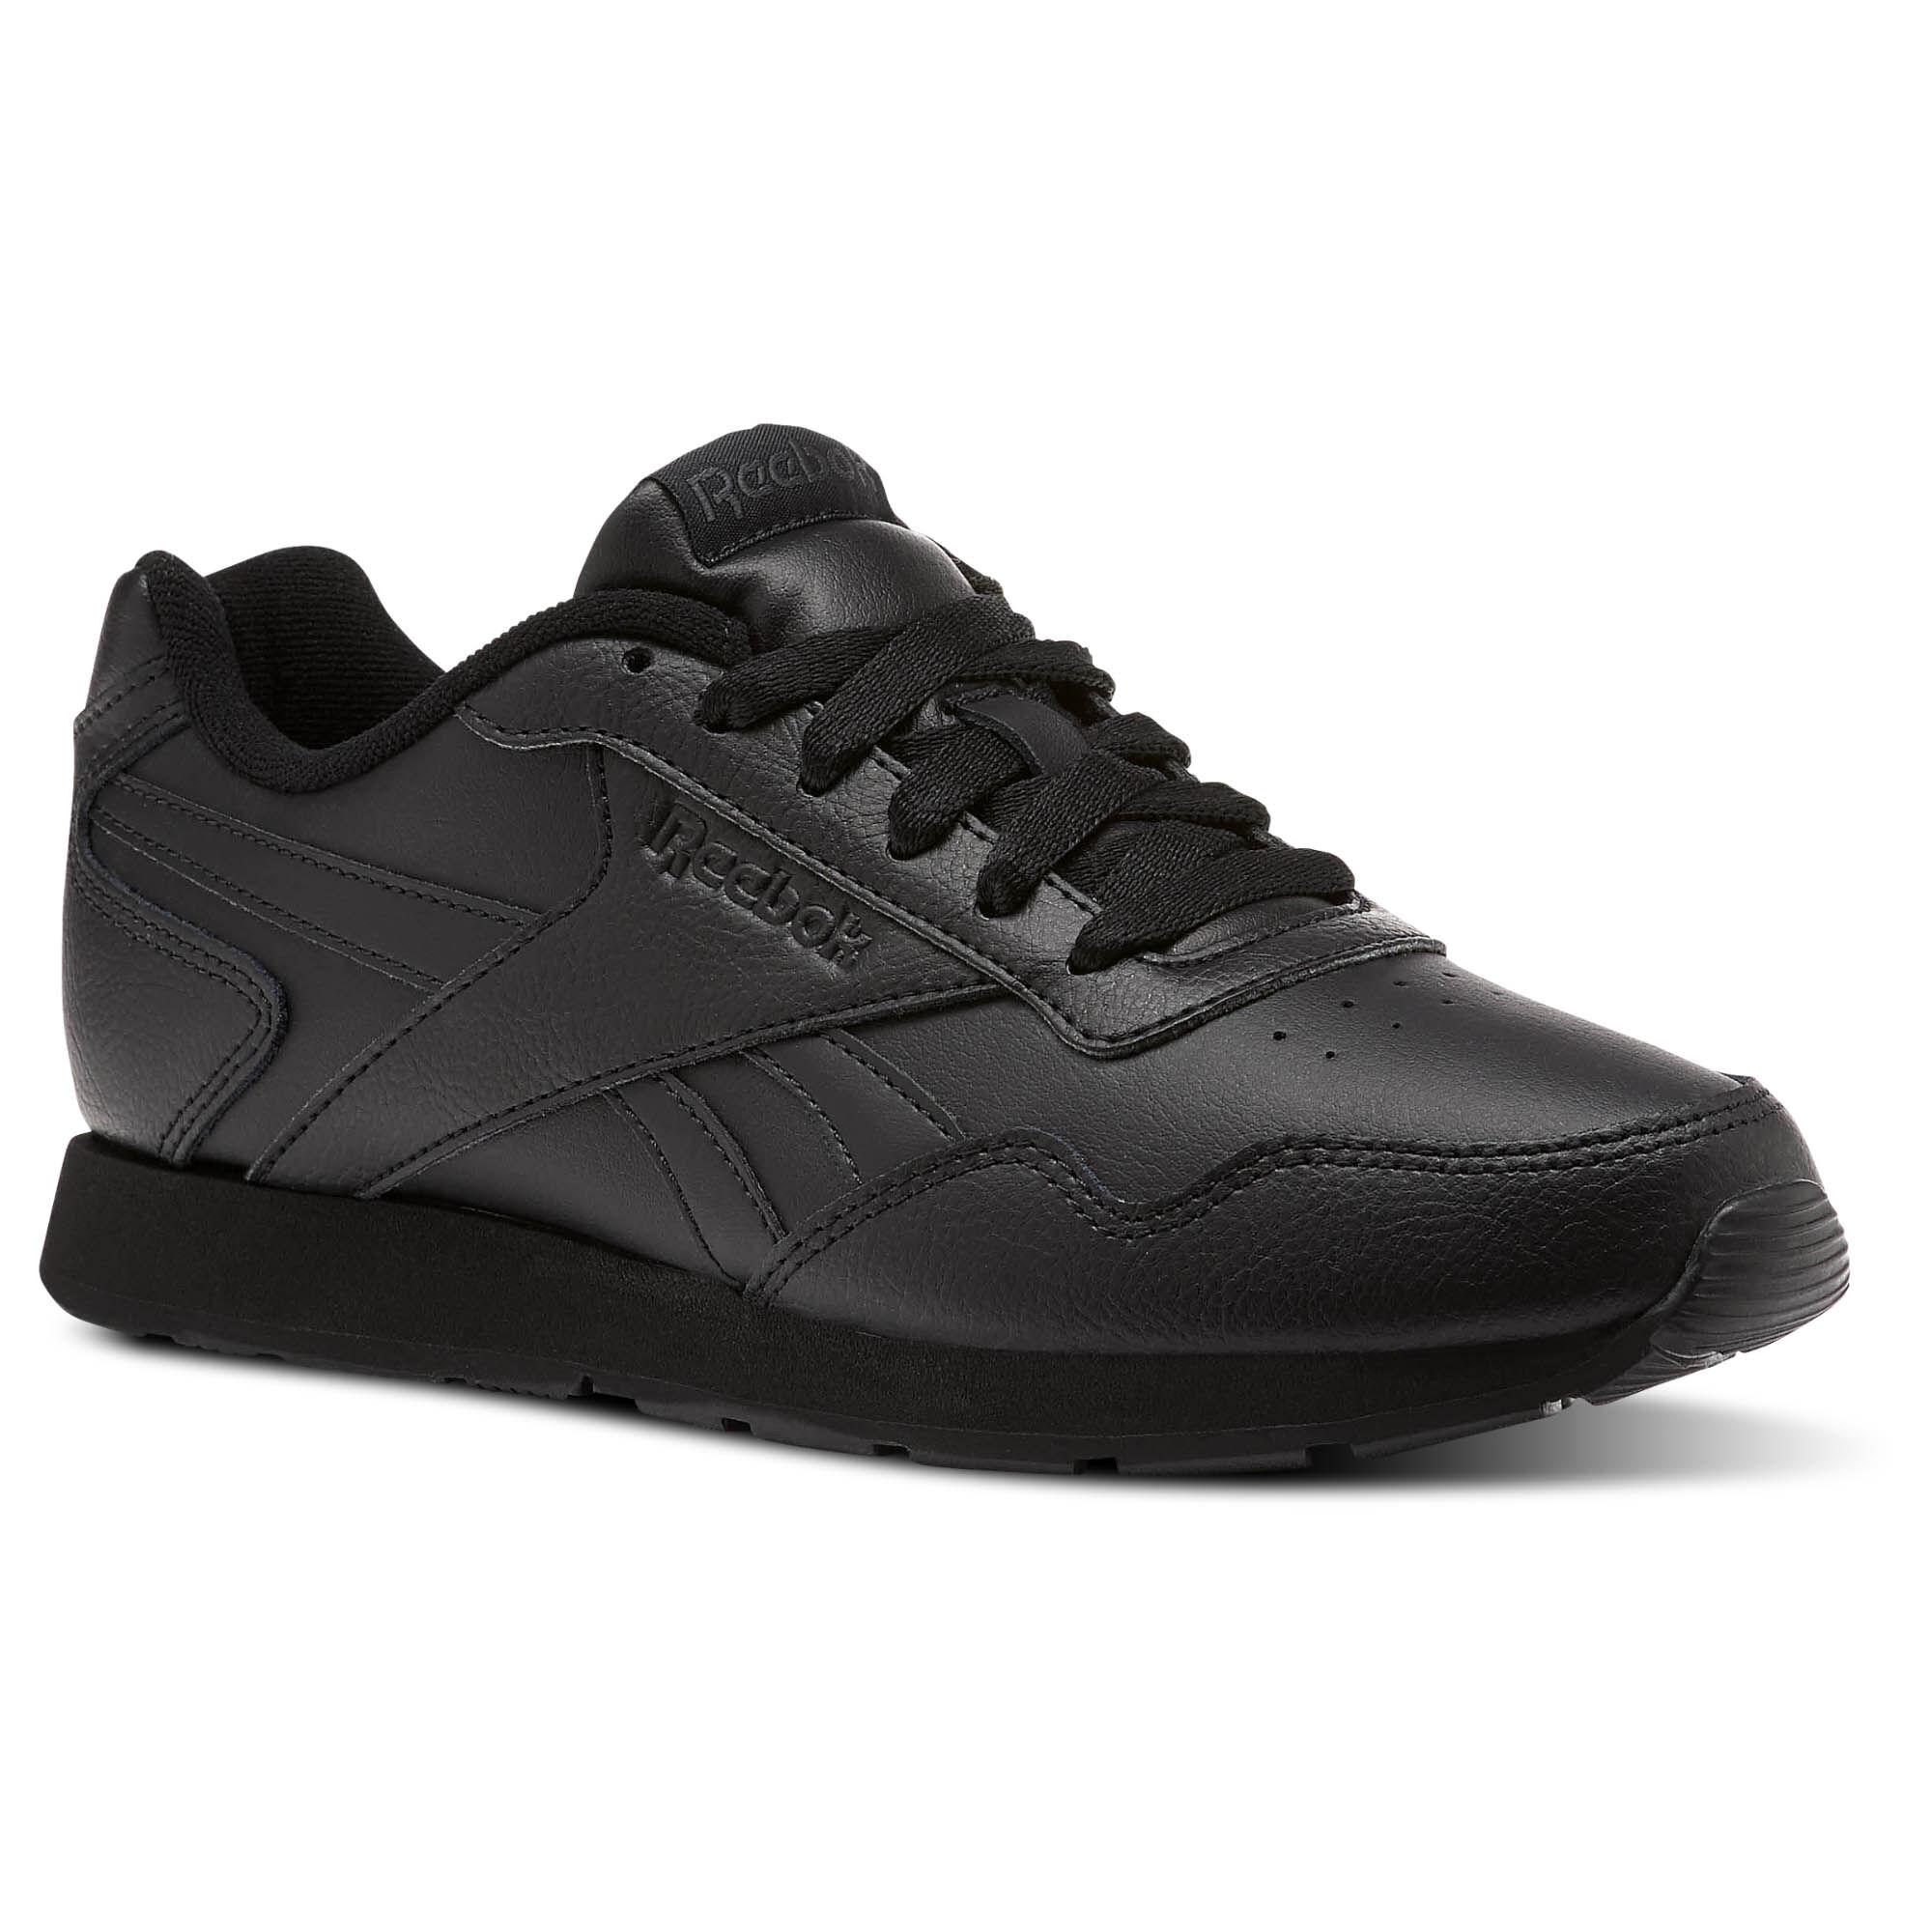 Reebok Damen Sneaker Royal Glide LX CN2143 37.5 OynhMwDJt